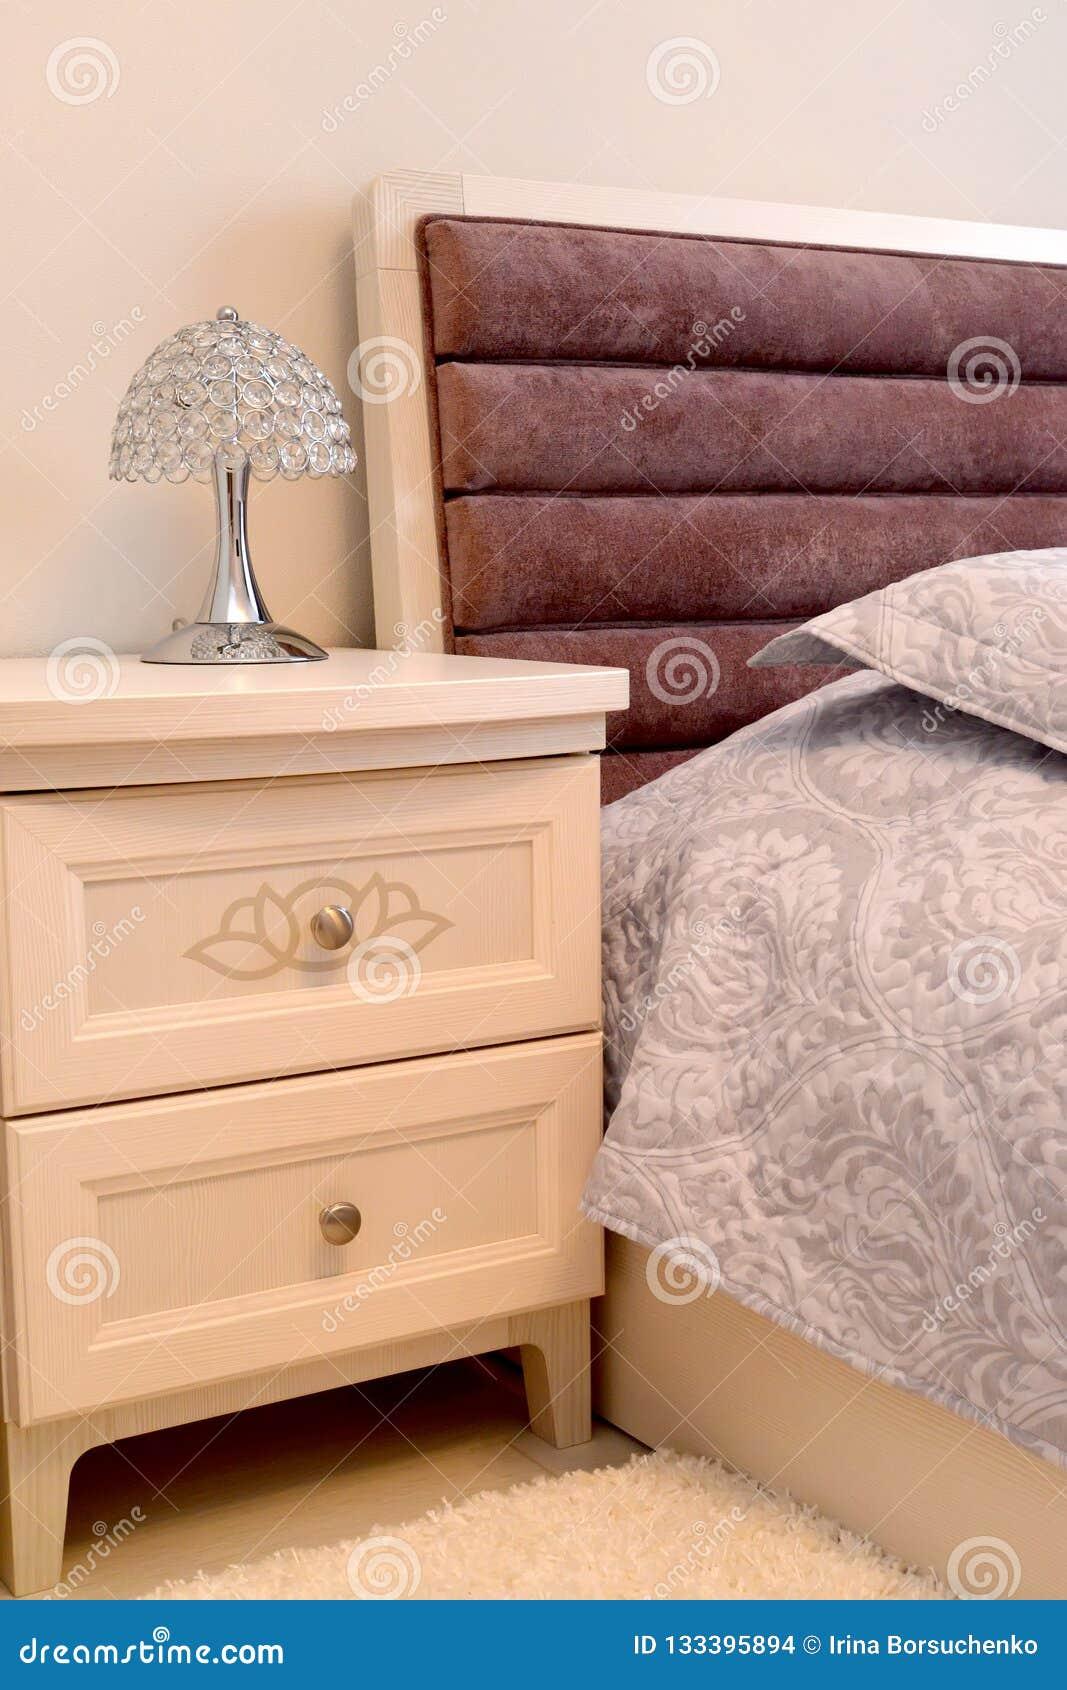 Table de chevet avec une lampe de bureau dans un intérieur de chambre à coucher Type scandinave